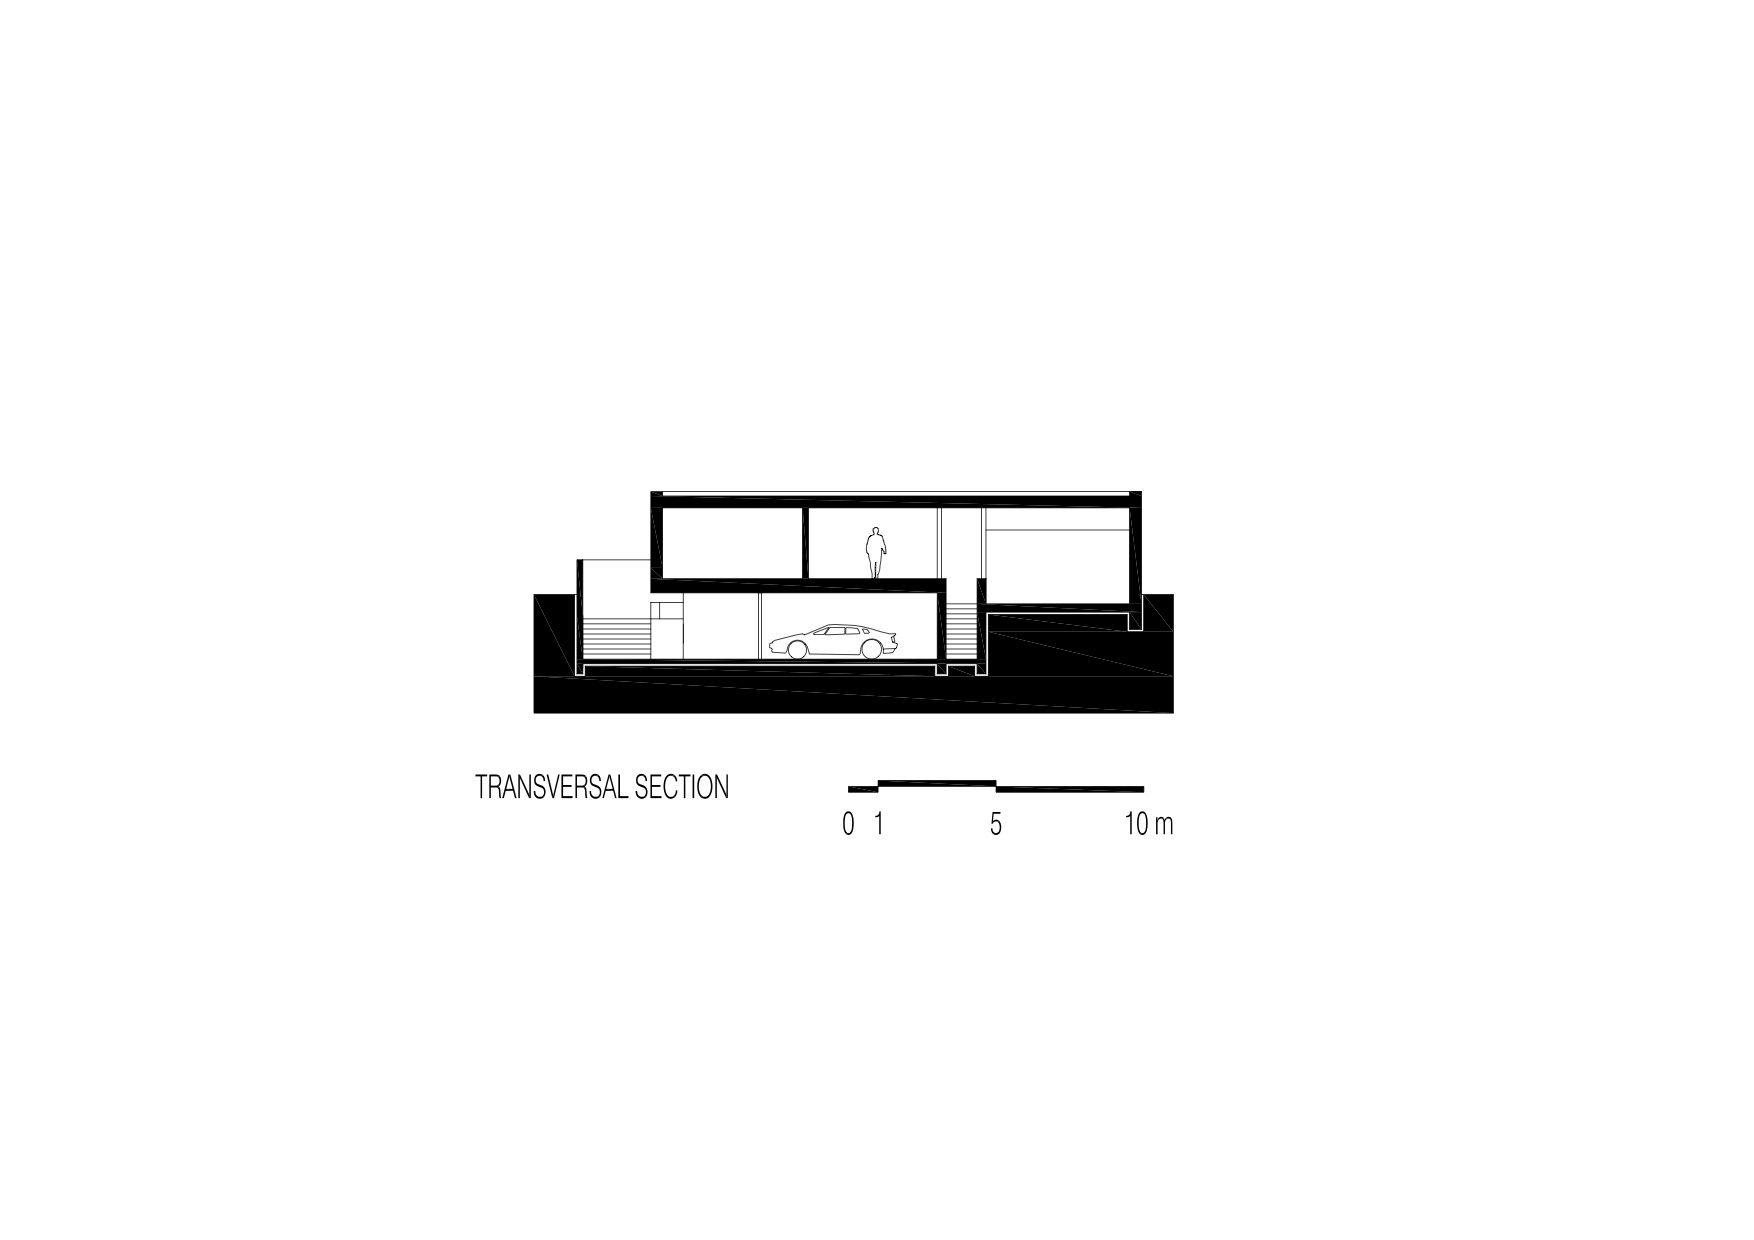 C house plans A44